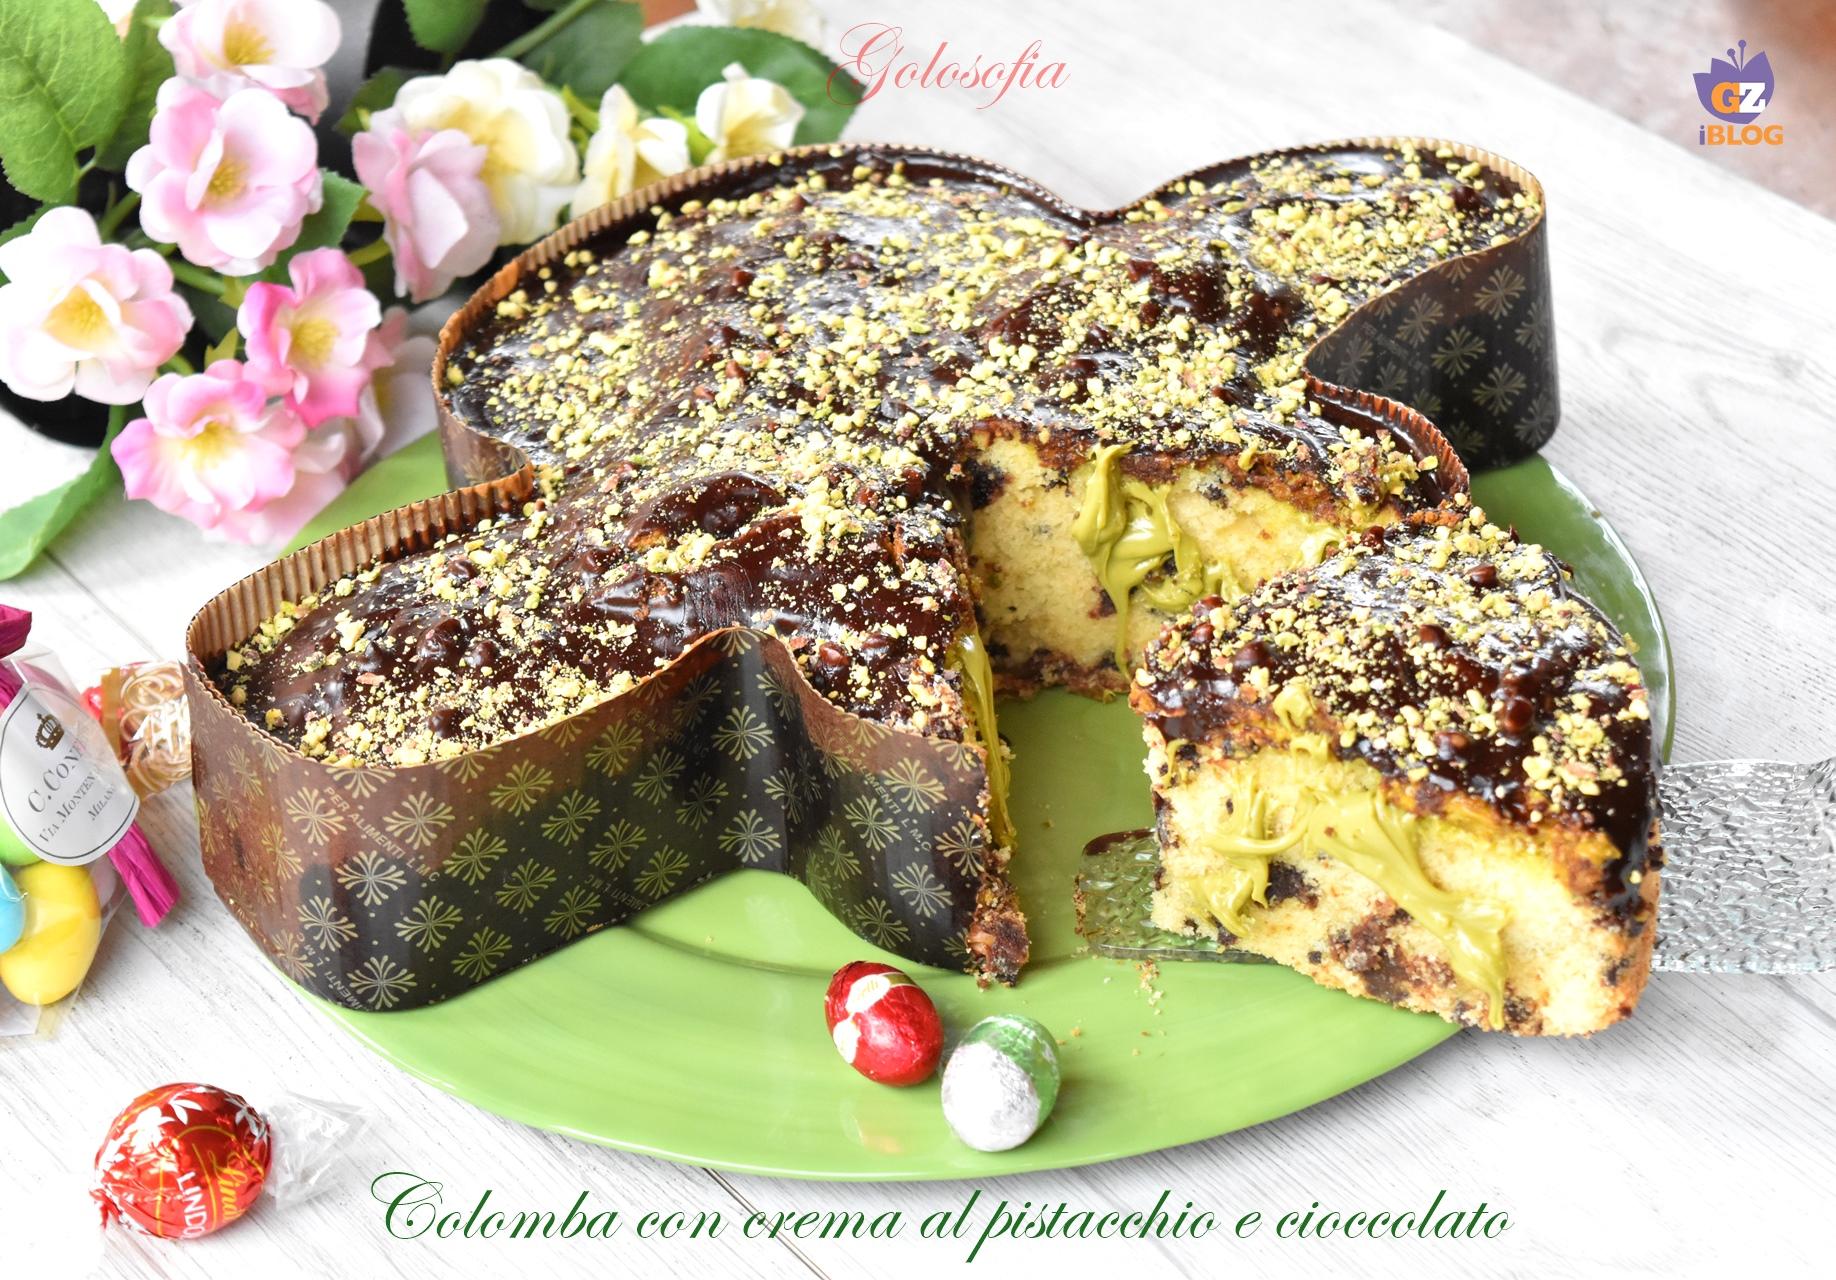 Colomba con crema al pistacchio e cioccolato-ricetta dolci-golosofia